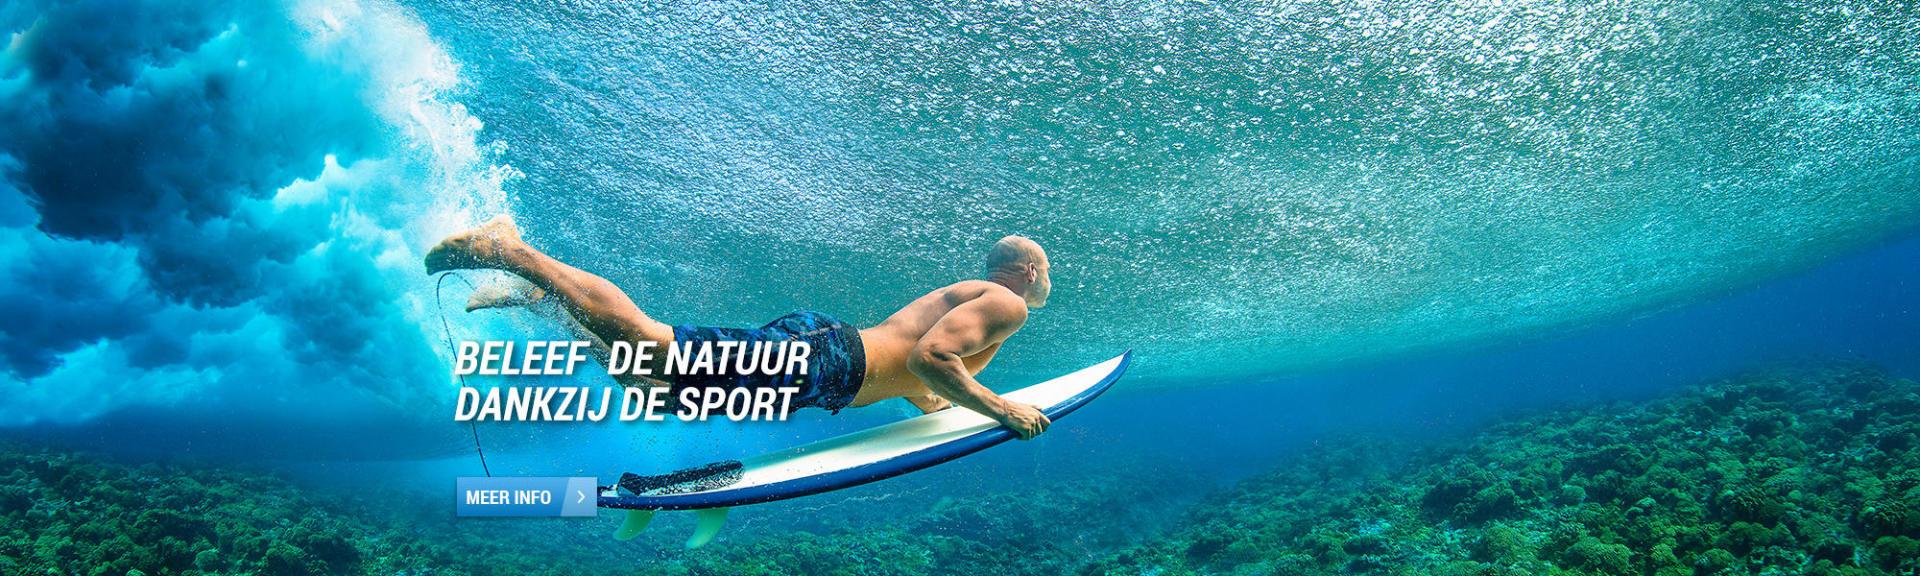 surfen in zomer